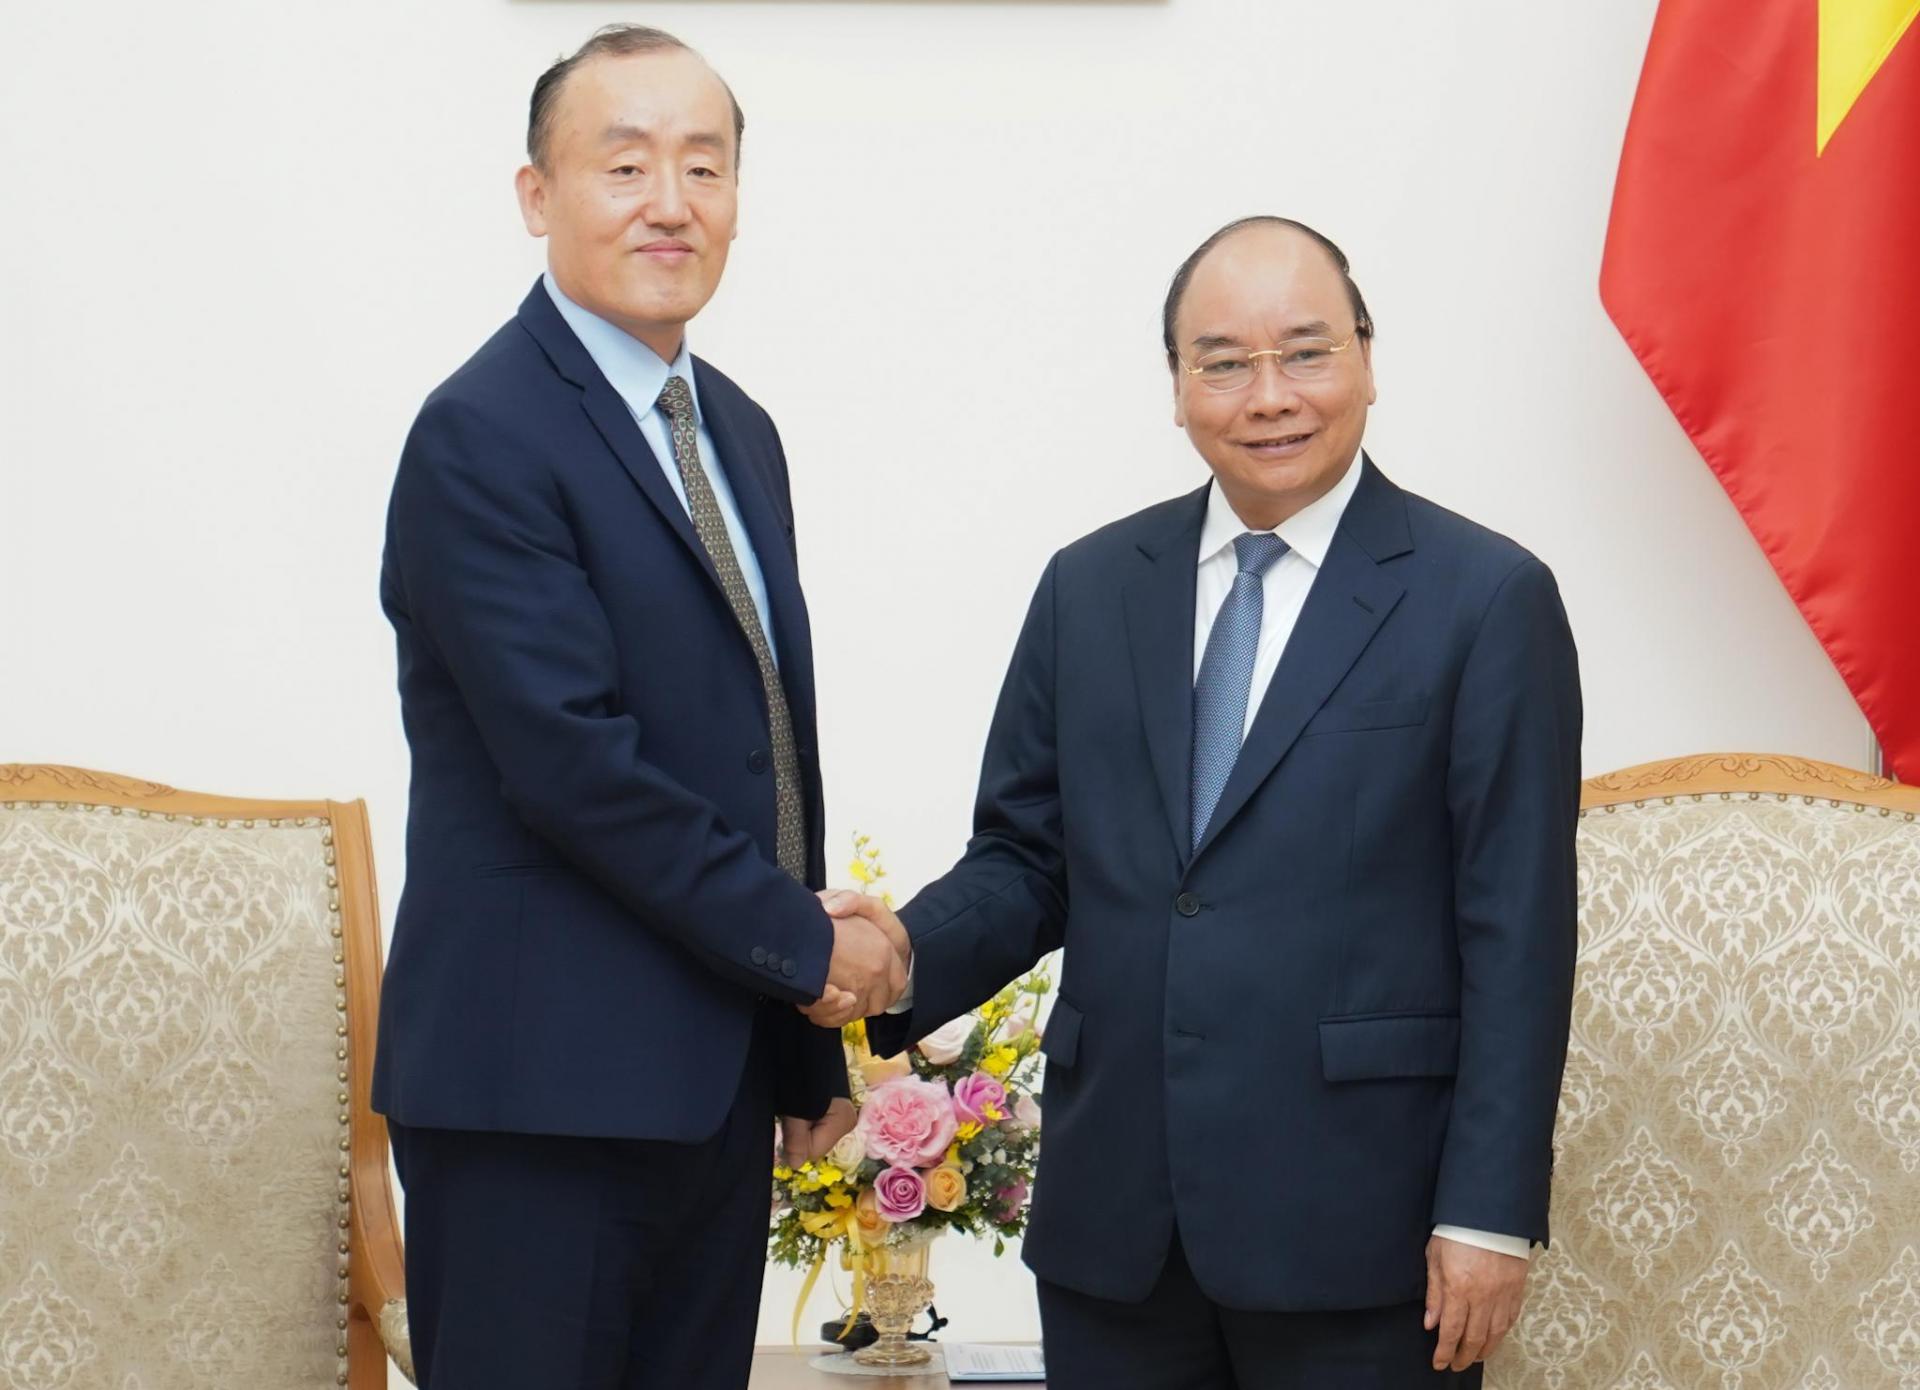 Thủ tướng Chính phủ Nguyễn Xuân Phúc tiếp Trưởng đại diện Tổ chức Y tế thế giới tại Việt Nam, TS. Kidong Park ngày 14/3.